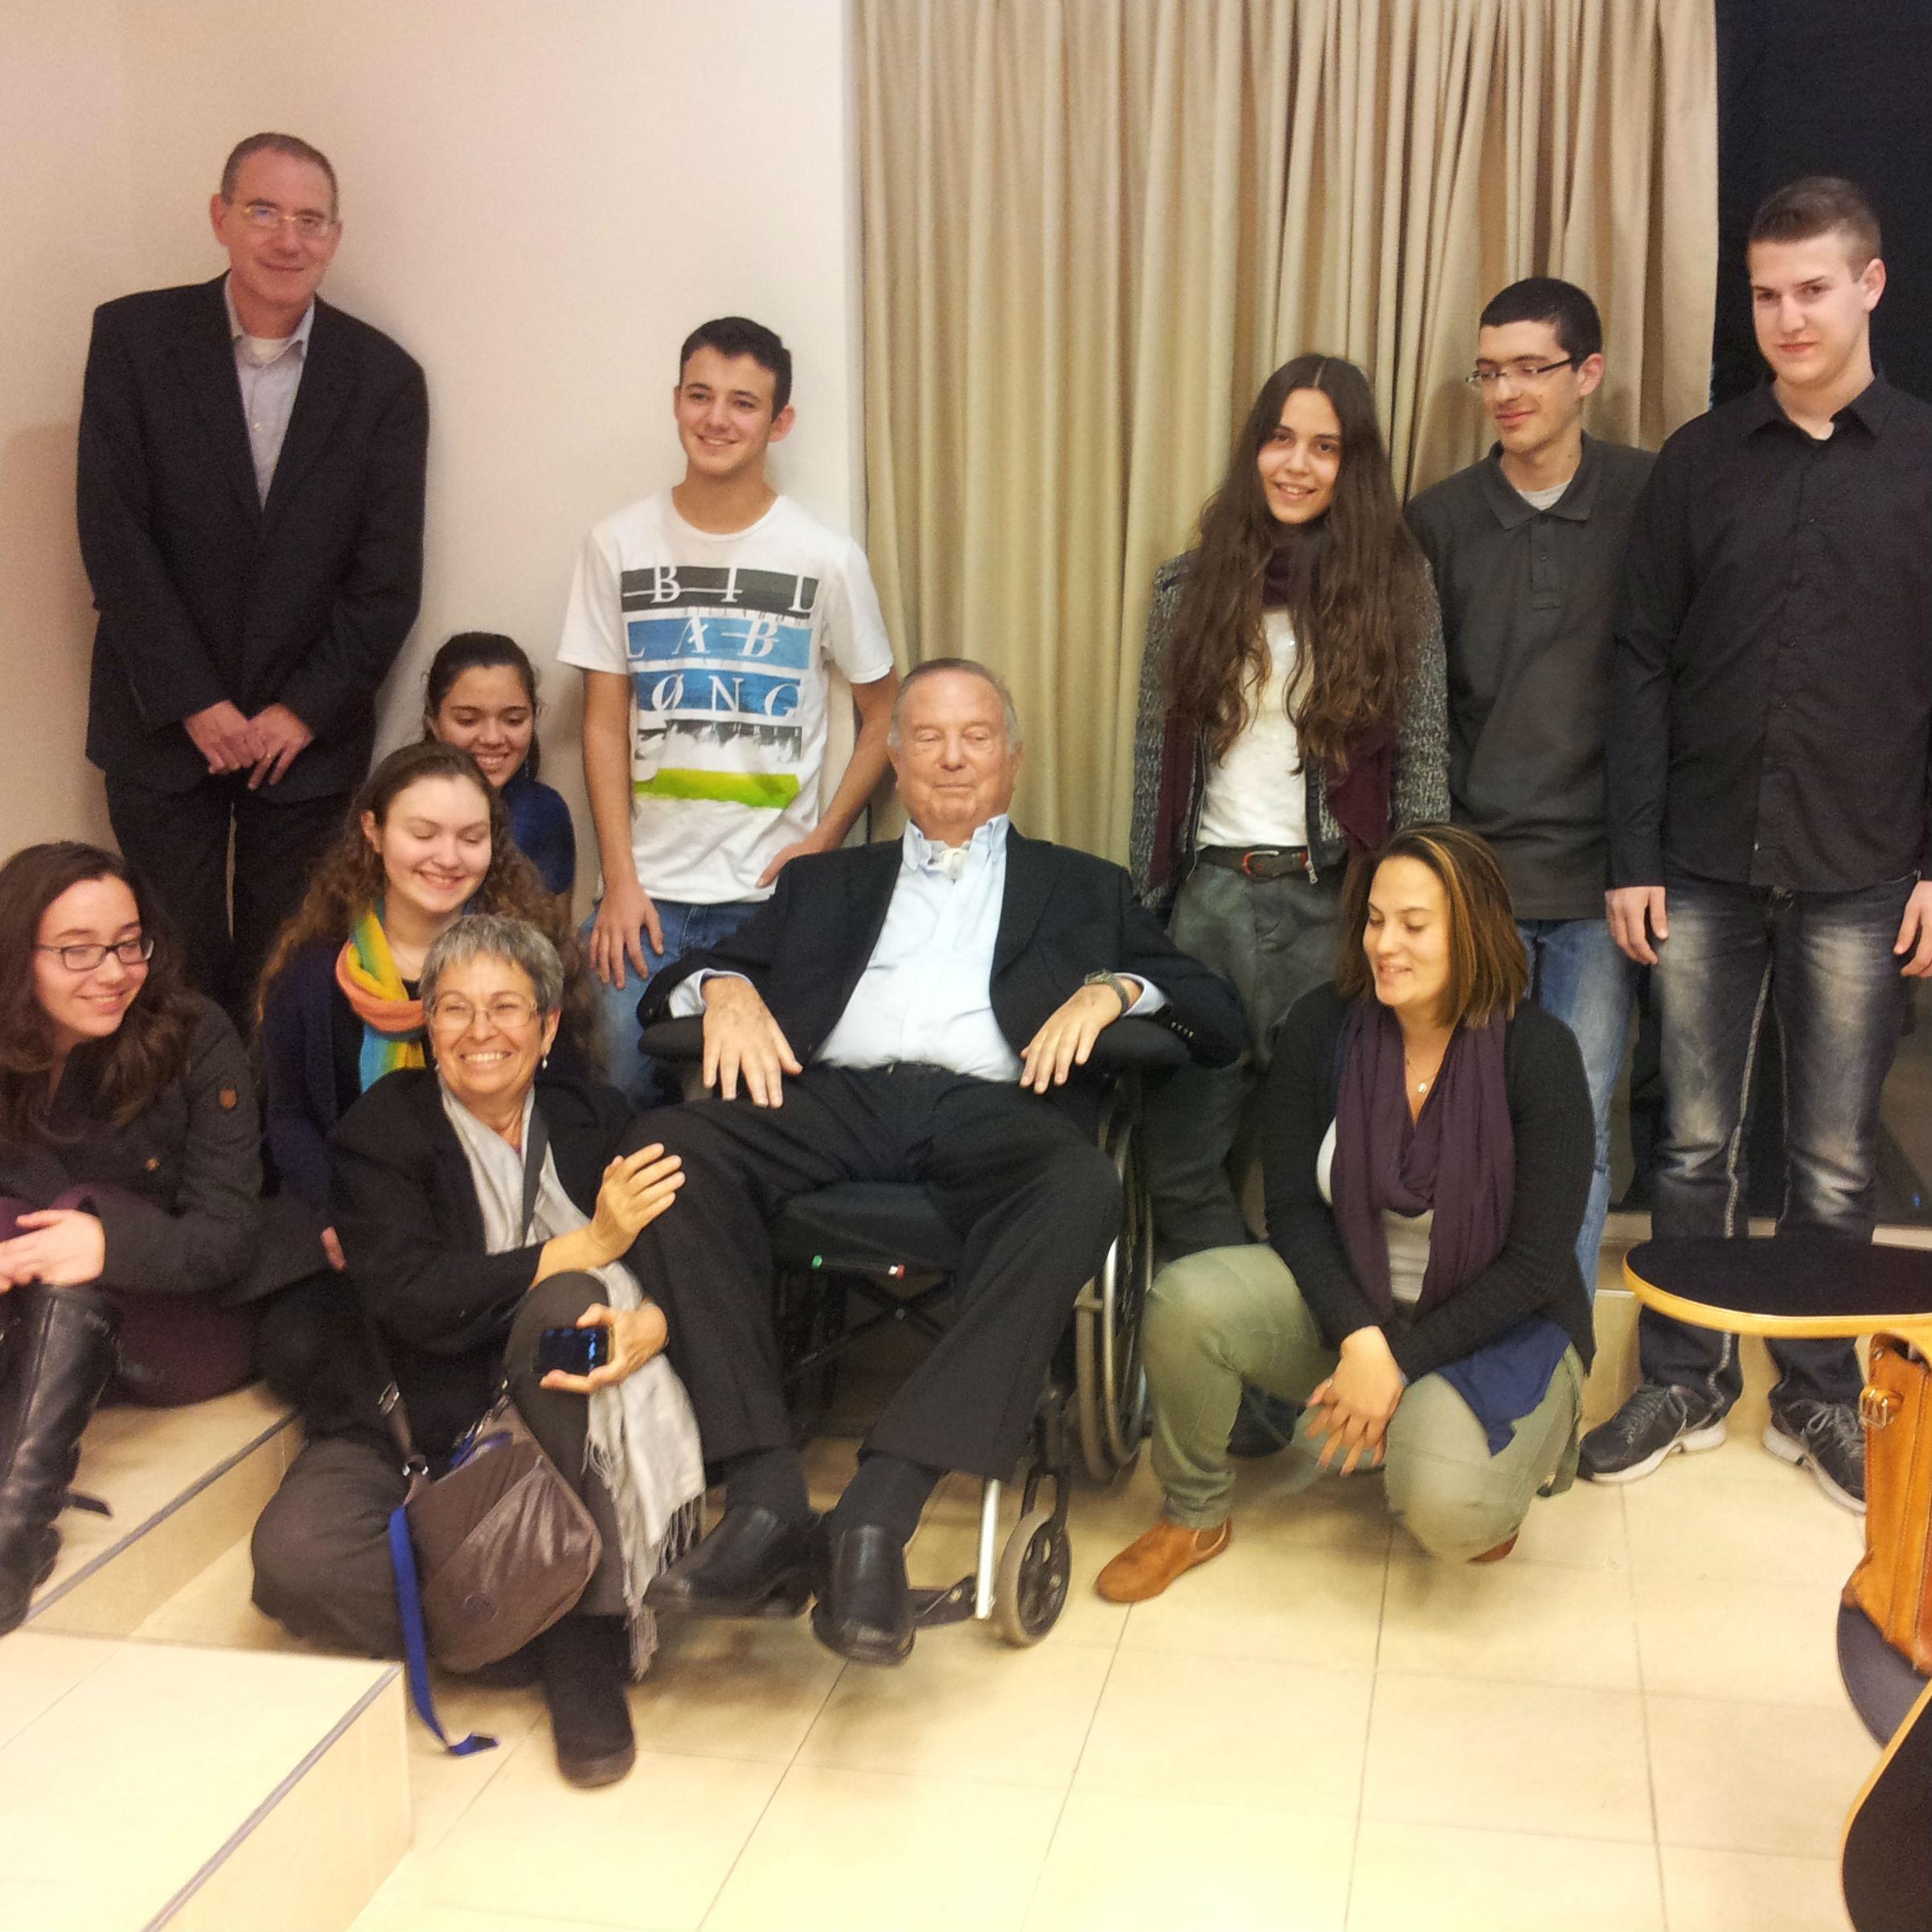 מצטייני מדעי הרוח של אוניברסיטת תל-אביב לנוער קיבלו תעודות בטקס מרגש